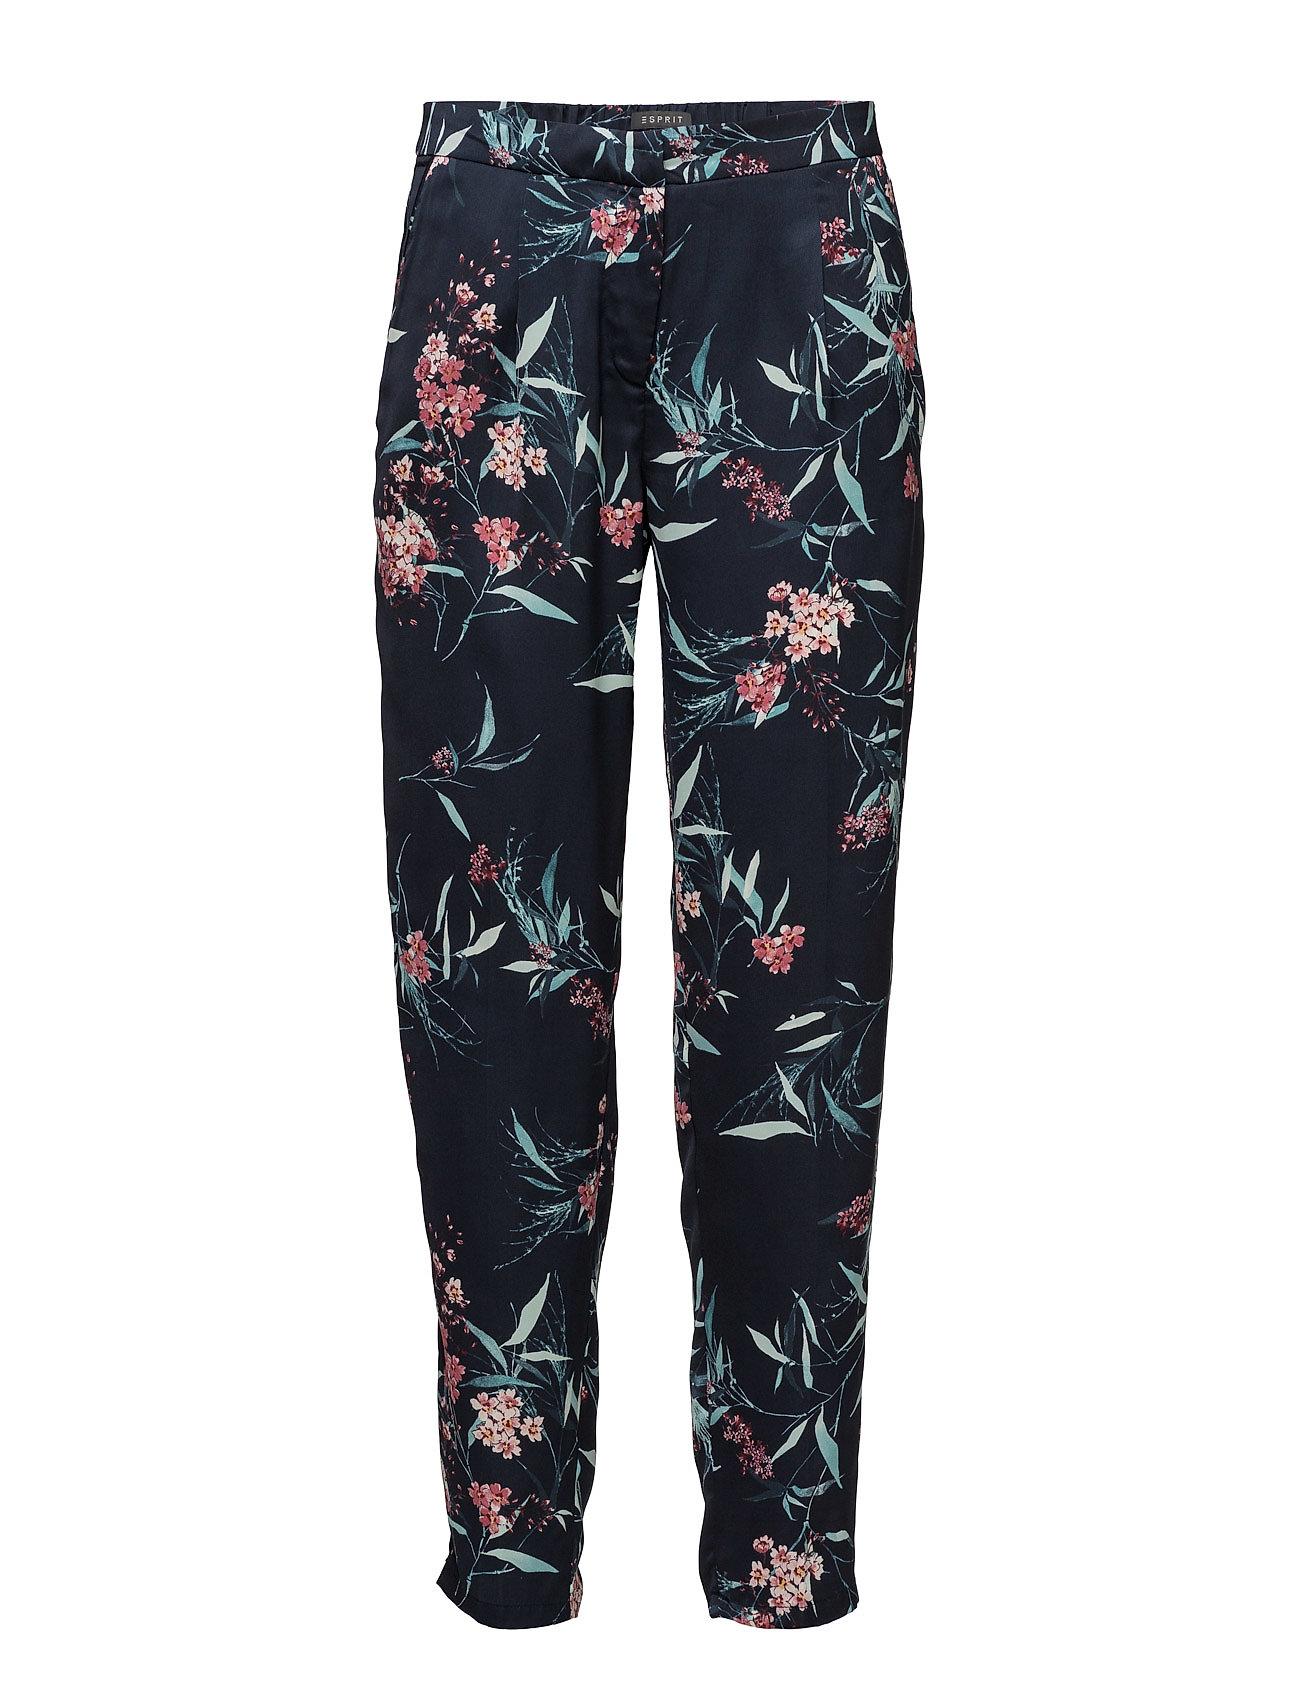 Pants Woven Esprit Collection Casual bukser til Damer i Navy blå